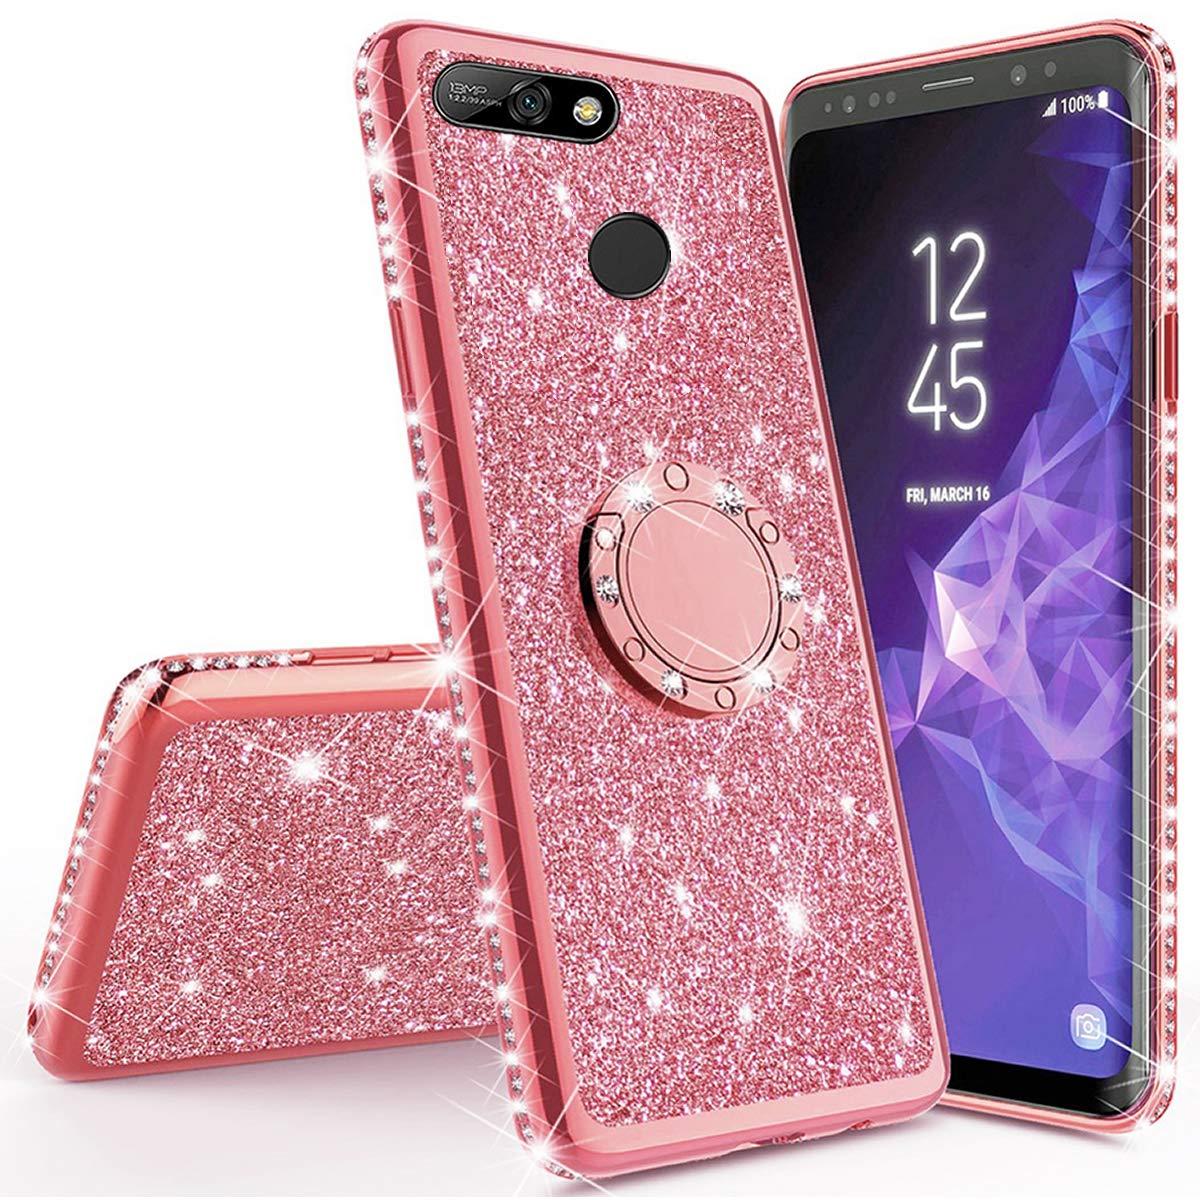 Miagon Custodia per Huawei Y6 2018,Brillante Scintillare Diamante Telaio Luccichio 360 Grado Sopportare Donna Ragazza TPU Silicone Protettiva Cover per Huawei Y6 2018